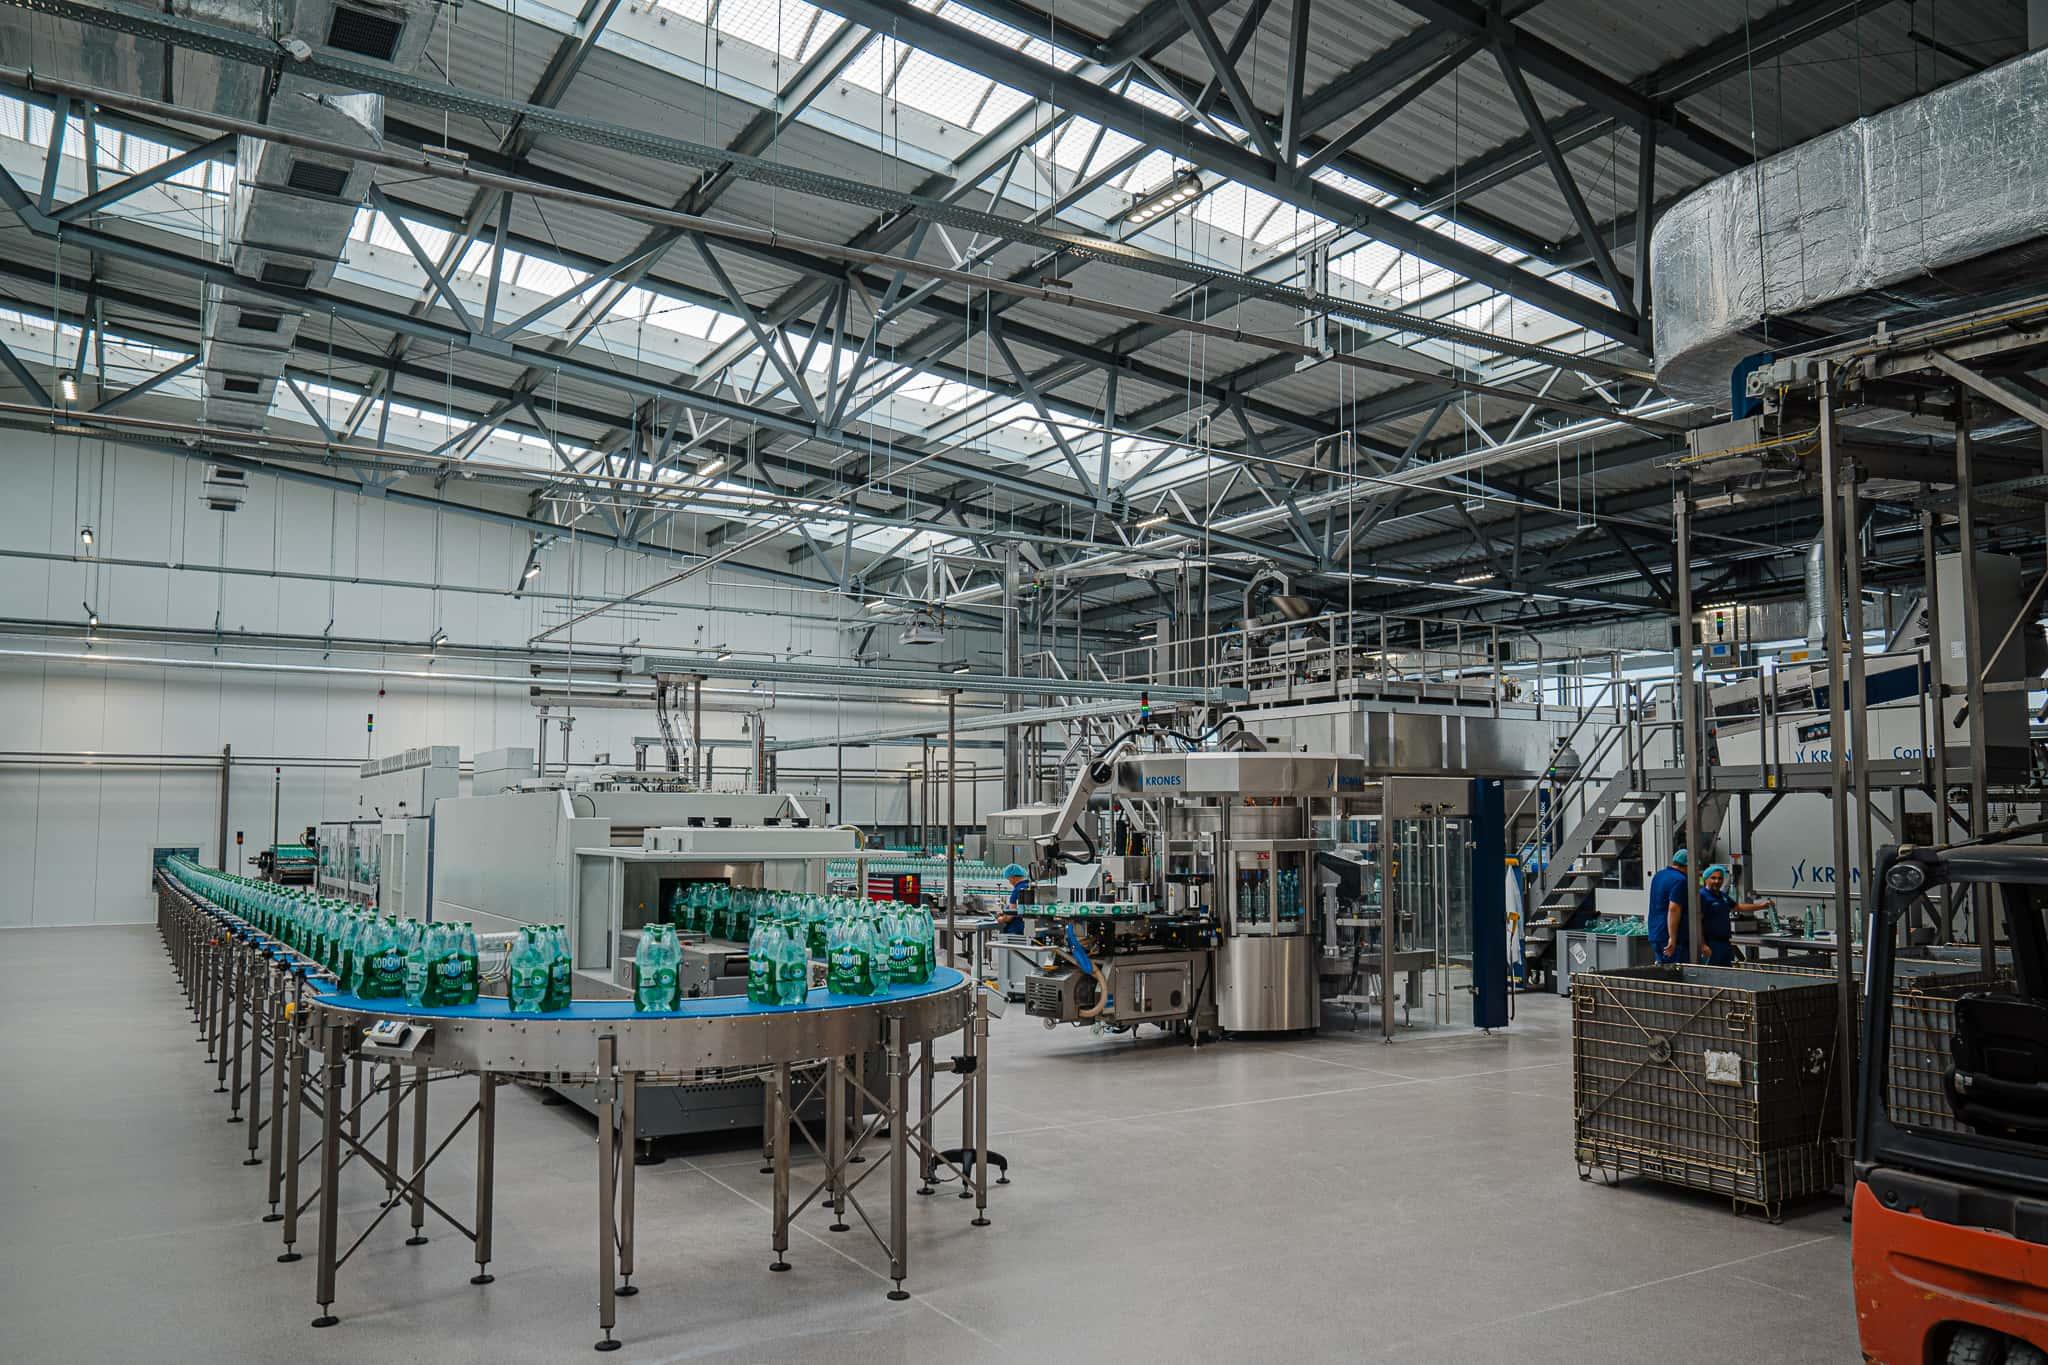 rozlewnia nativiana linia produkcyjna Rodowita z Roztocza. Inwestycja za 75 mln zł. (Dużo zdjęć)